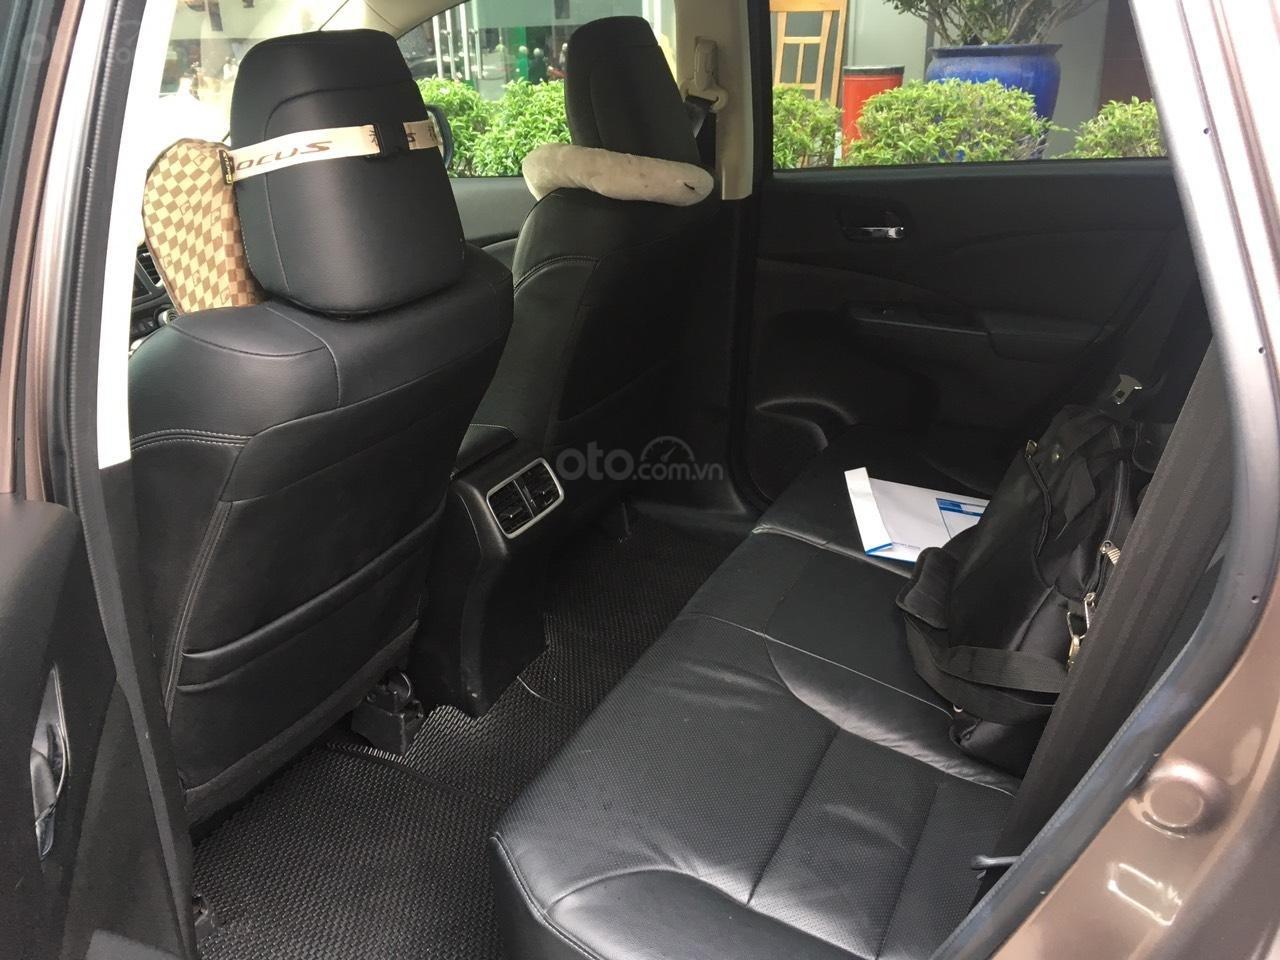 Cần thanh lý Honda CRV đời 2015 full option, xe đẹp giá tốt (8)